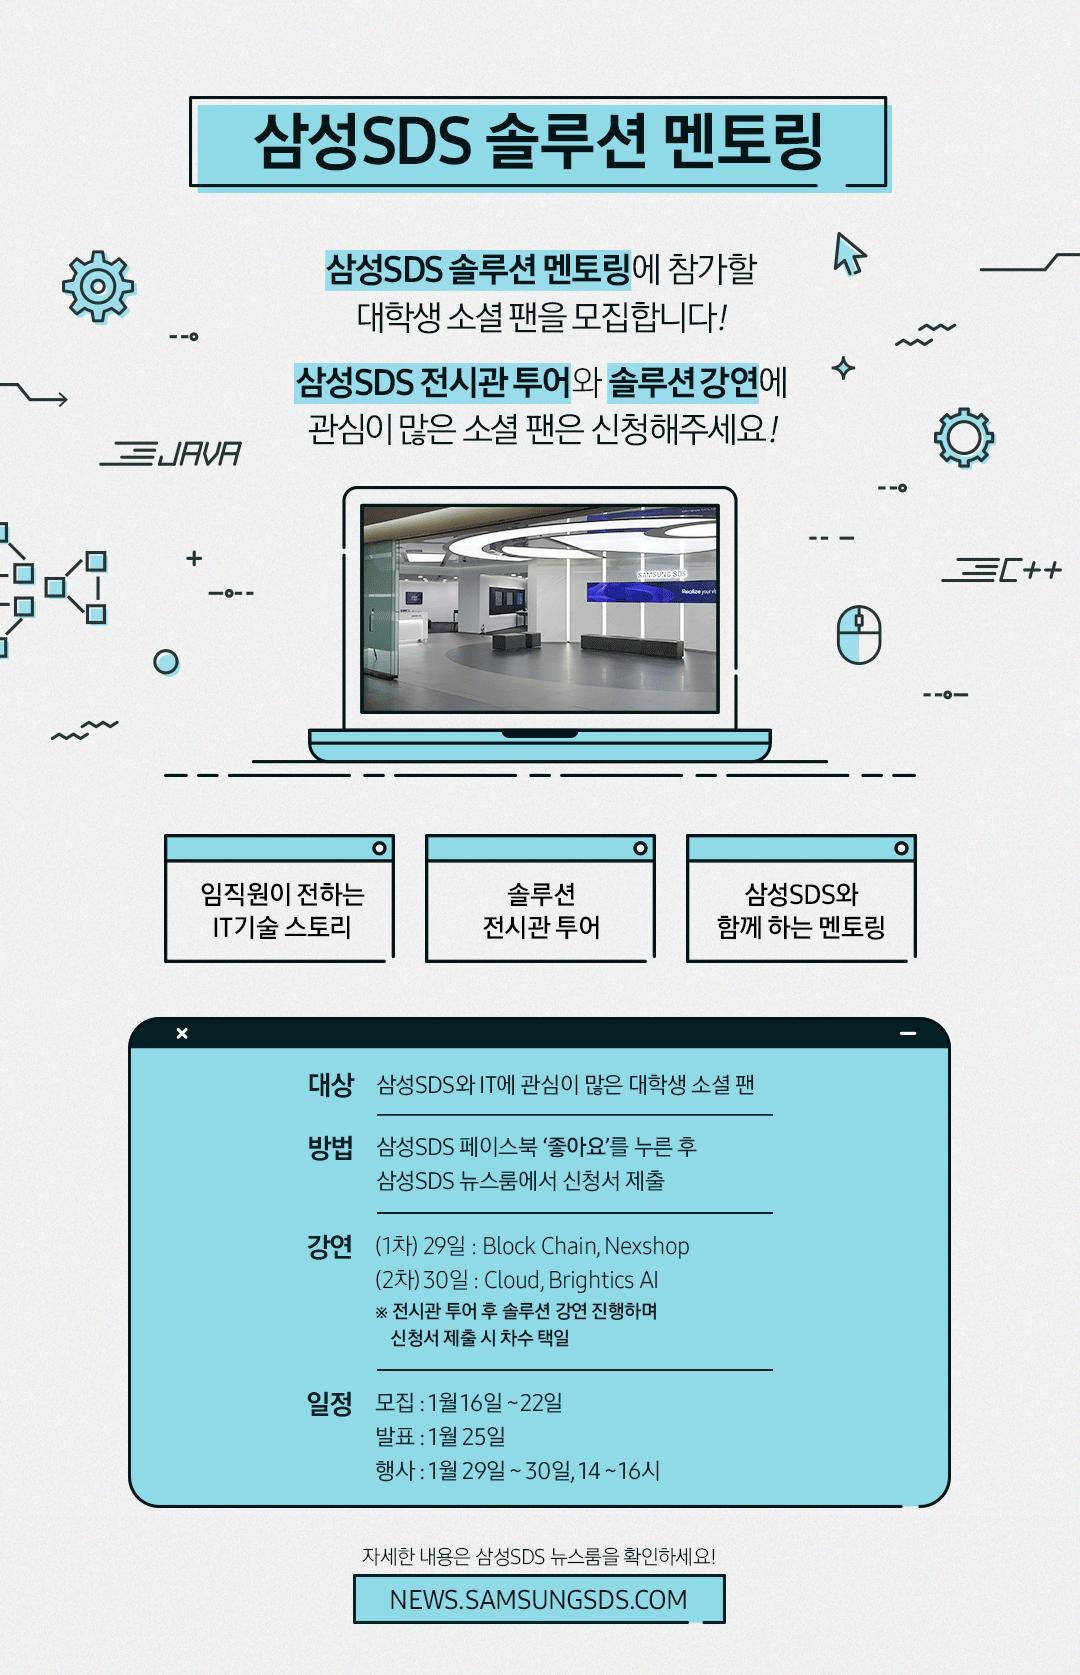 삼성SDS 솔루션 멘토링에 참가할 소셜 팬을 모집합니다!